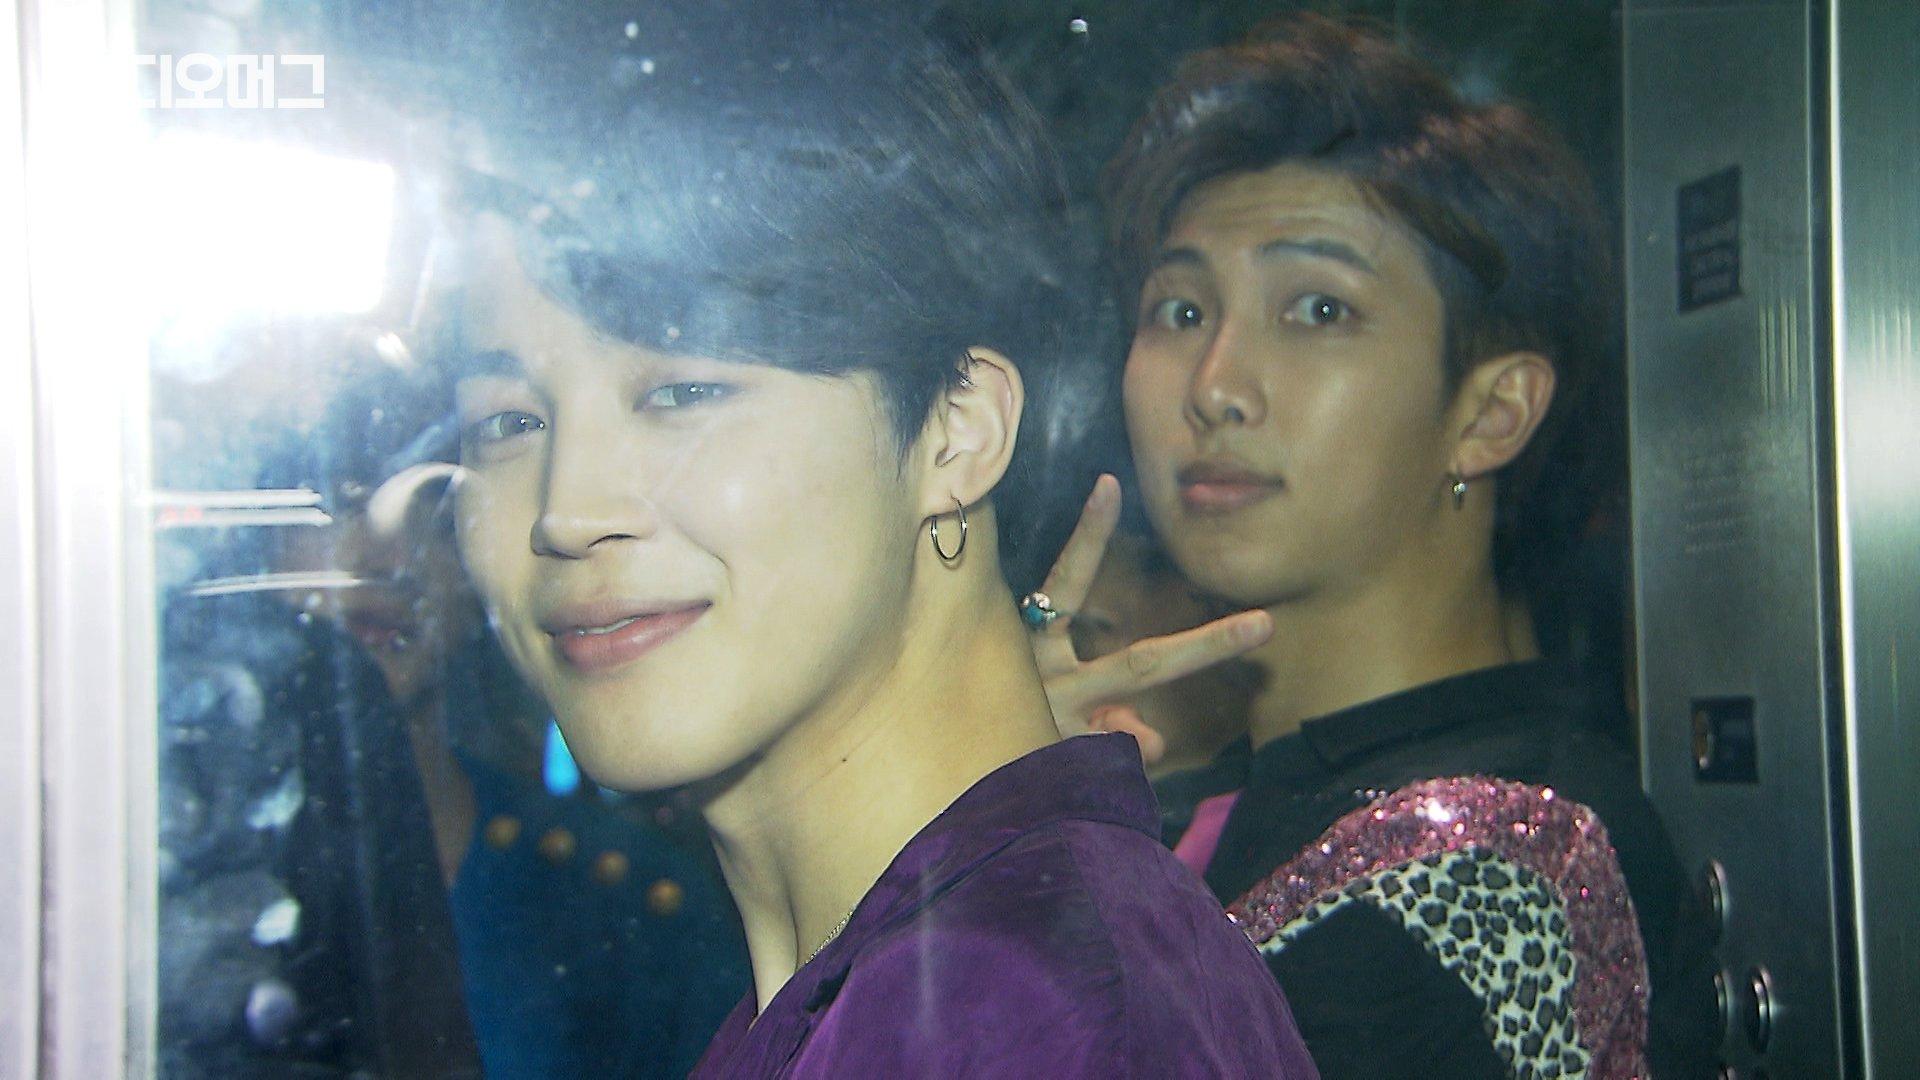 '빌보드 돌' #방탄소년단, #SBS8뉴스 에 떴다 (feat.스포있음) ▶ https://t.co/B1PTRppiXB https://t.co/lTgVbZ4TgR